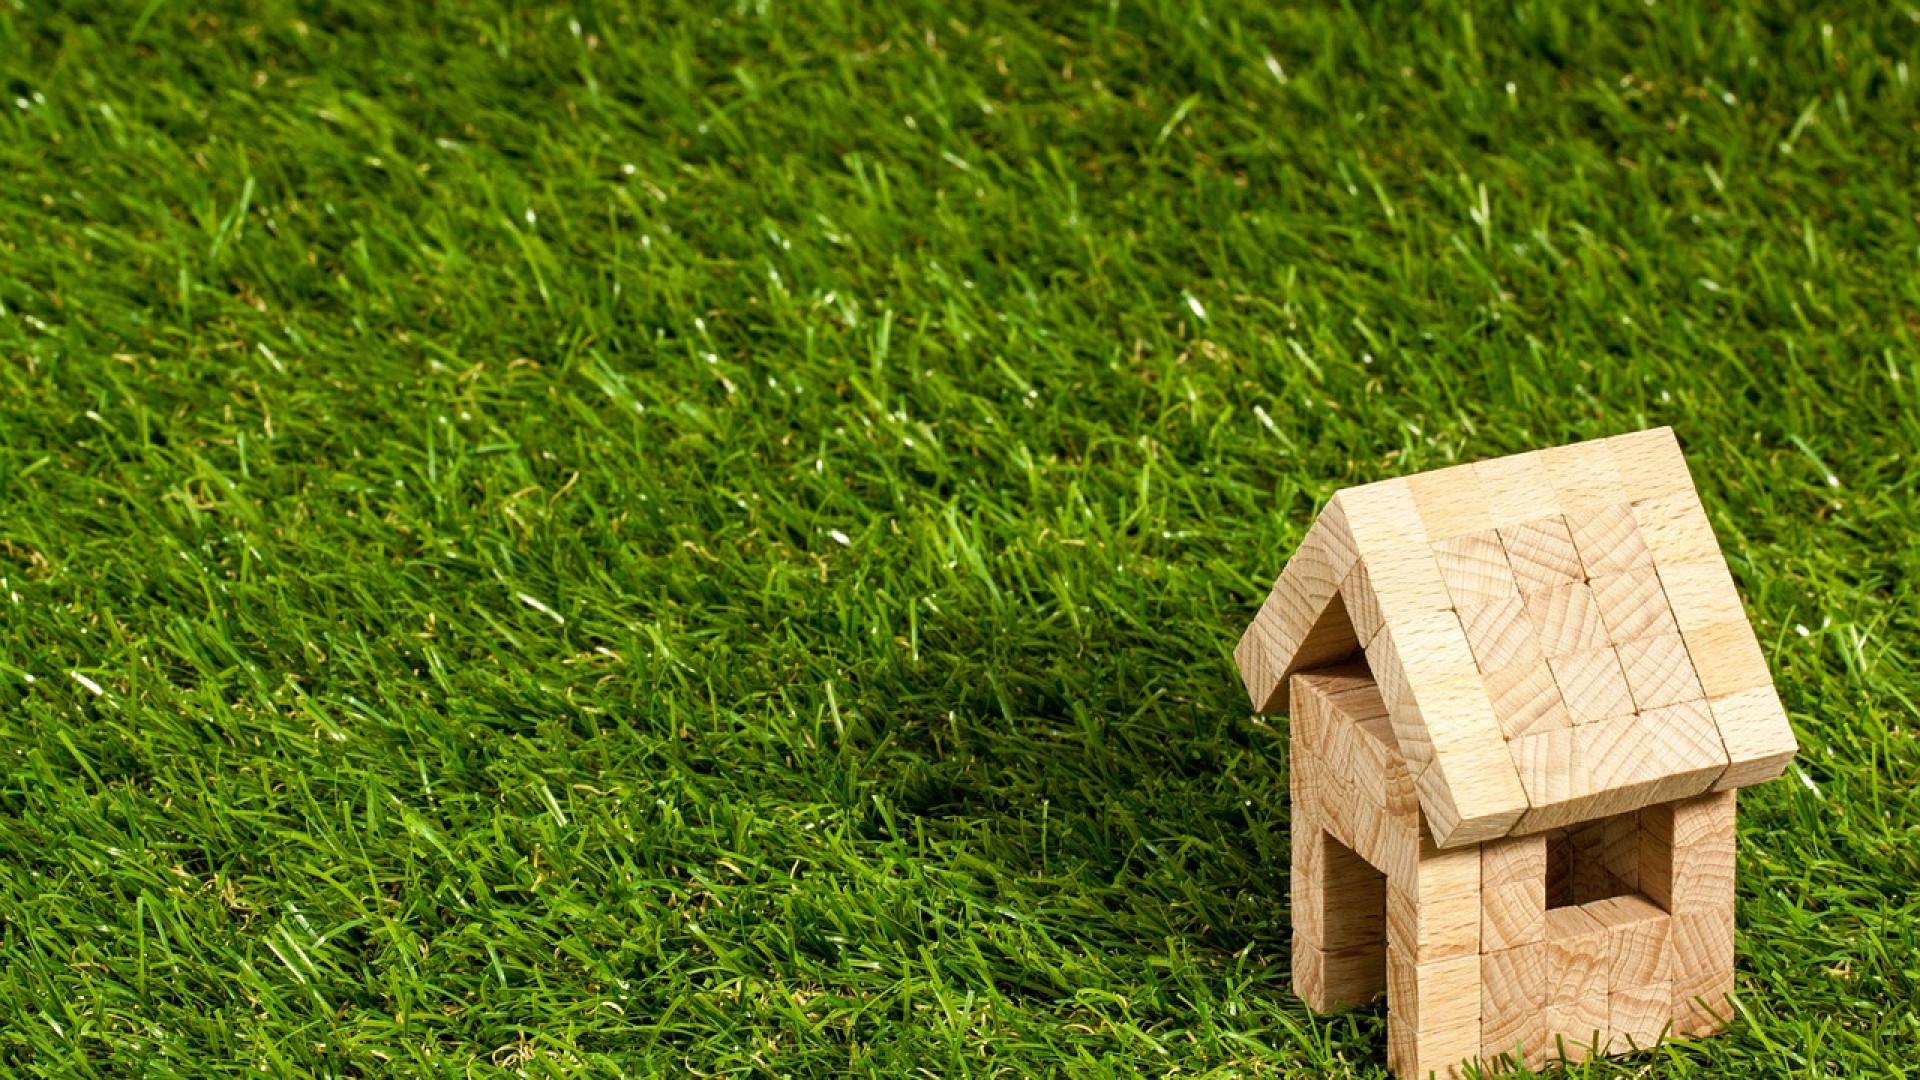 Comment savoir combien je peux emprunter pour un achat immobilier ?